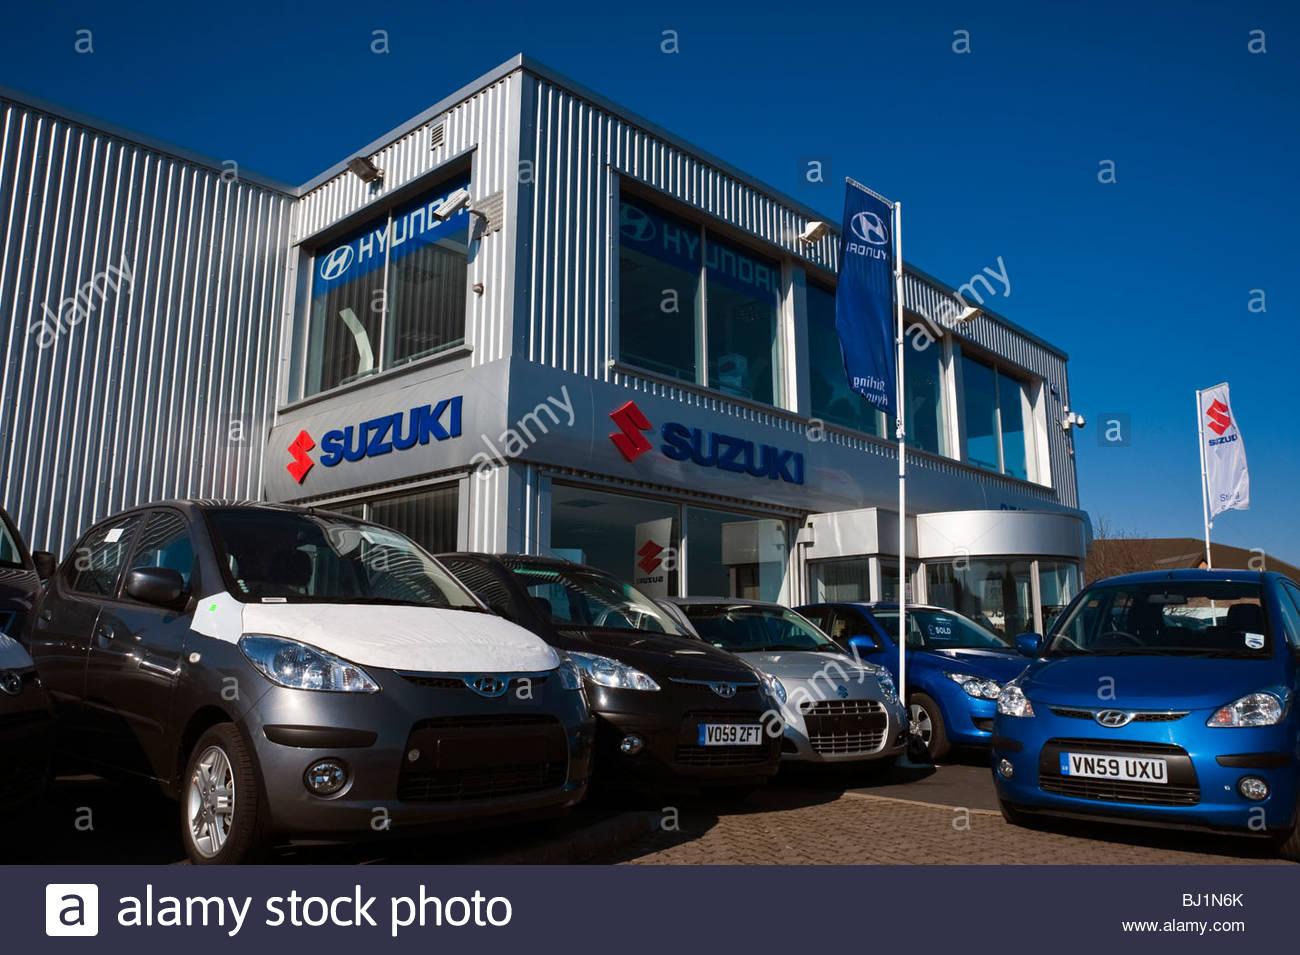 Concessionnaire Suzuki à vendre voitures Callow, près de Hereford, Royaume-Uni. Nouvelles voitures sur Photo Stock